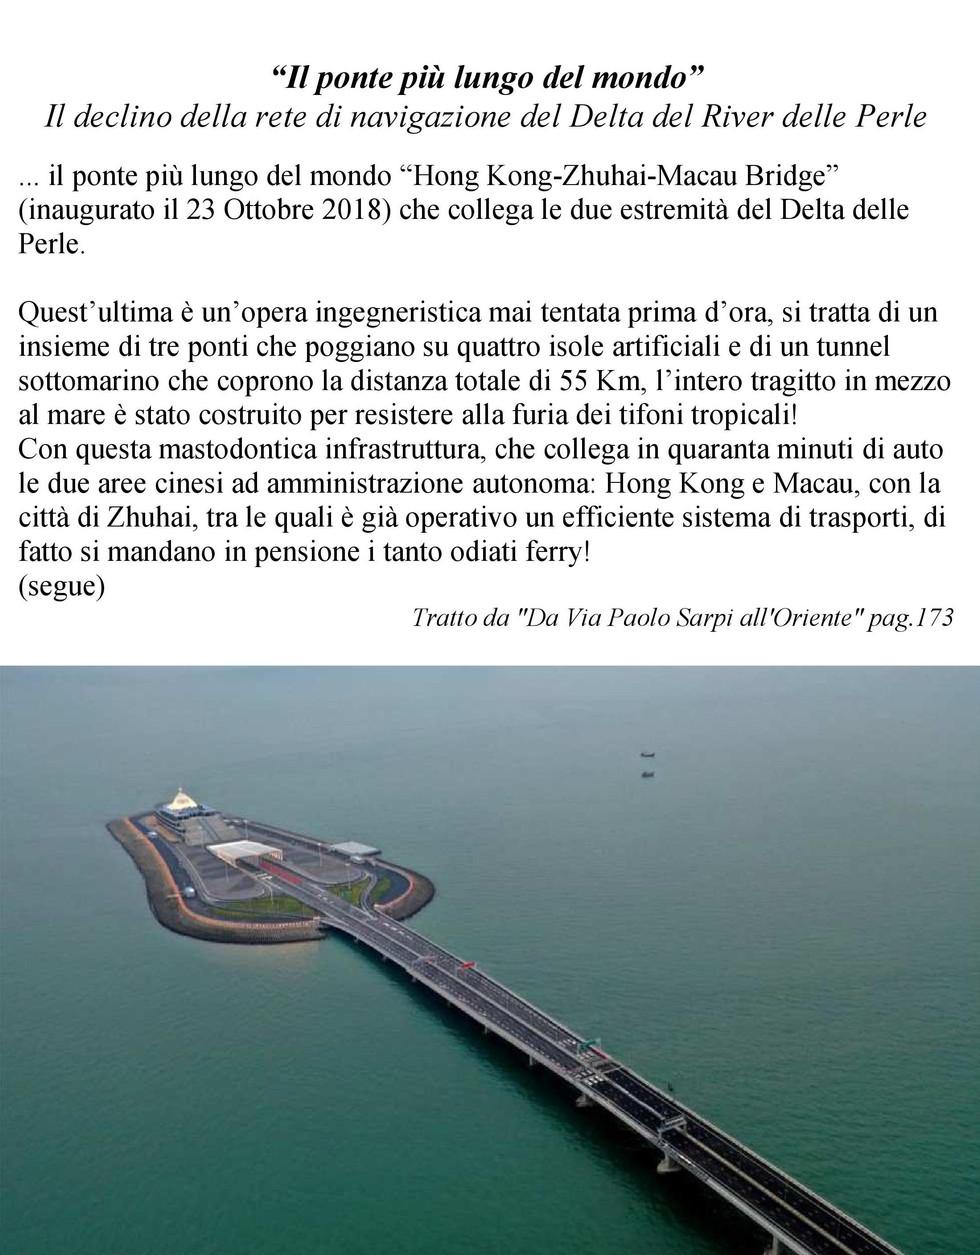 20_Poster_Il_ponte_più_lungo_del_mondo.j